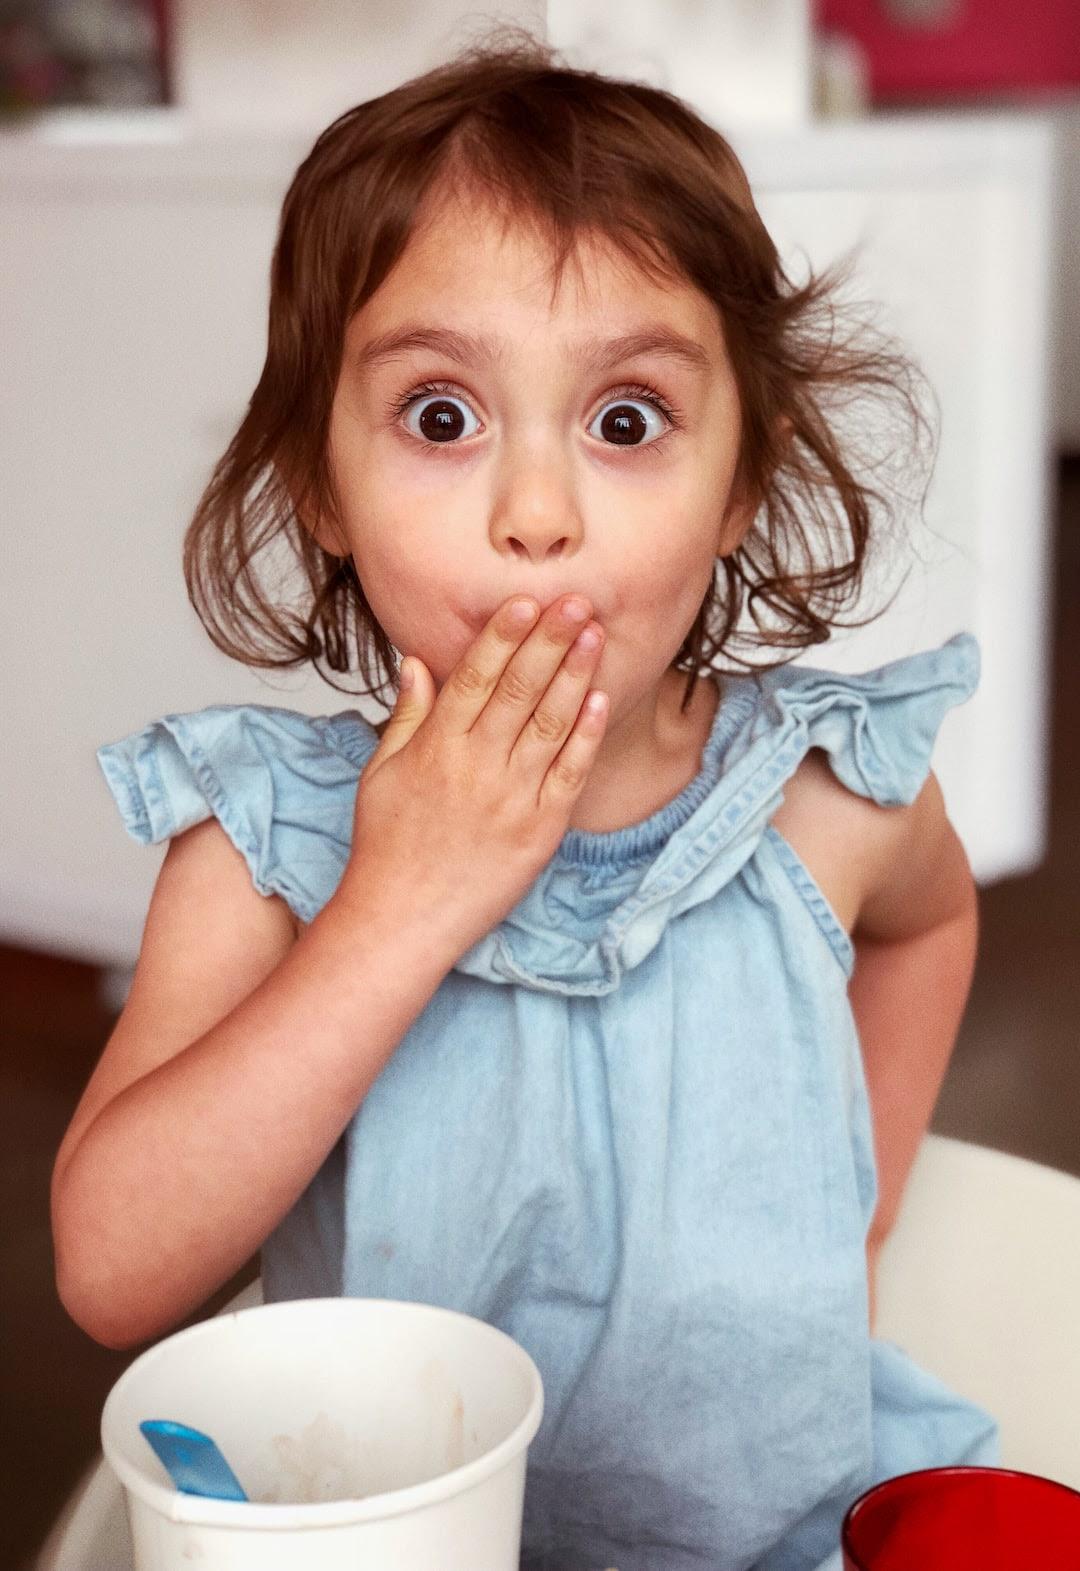 Quiet Baby Image Download : quiet, image, download, Quiet, Images, Download, Viewer